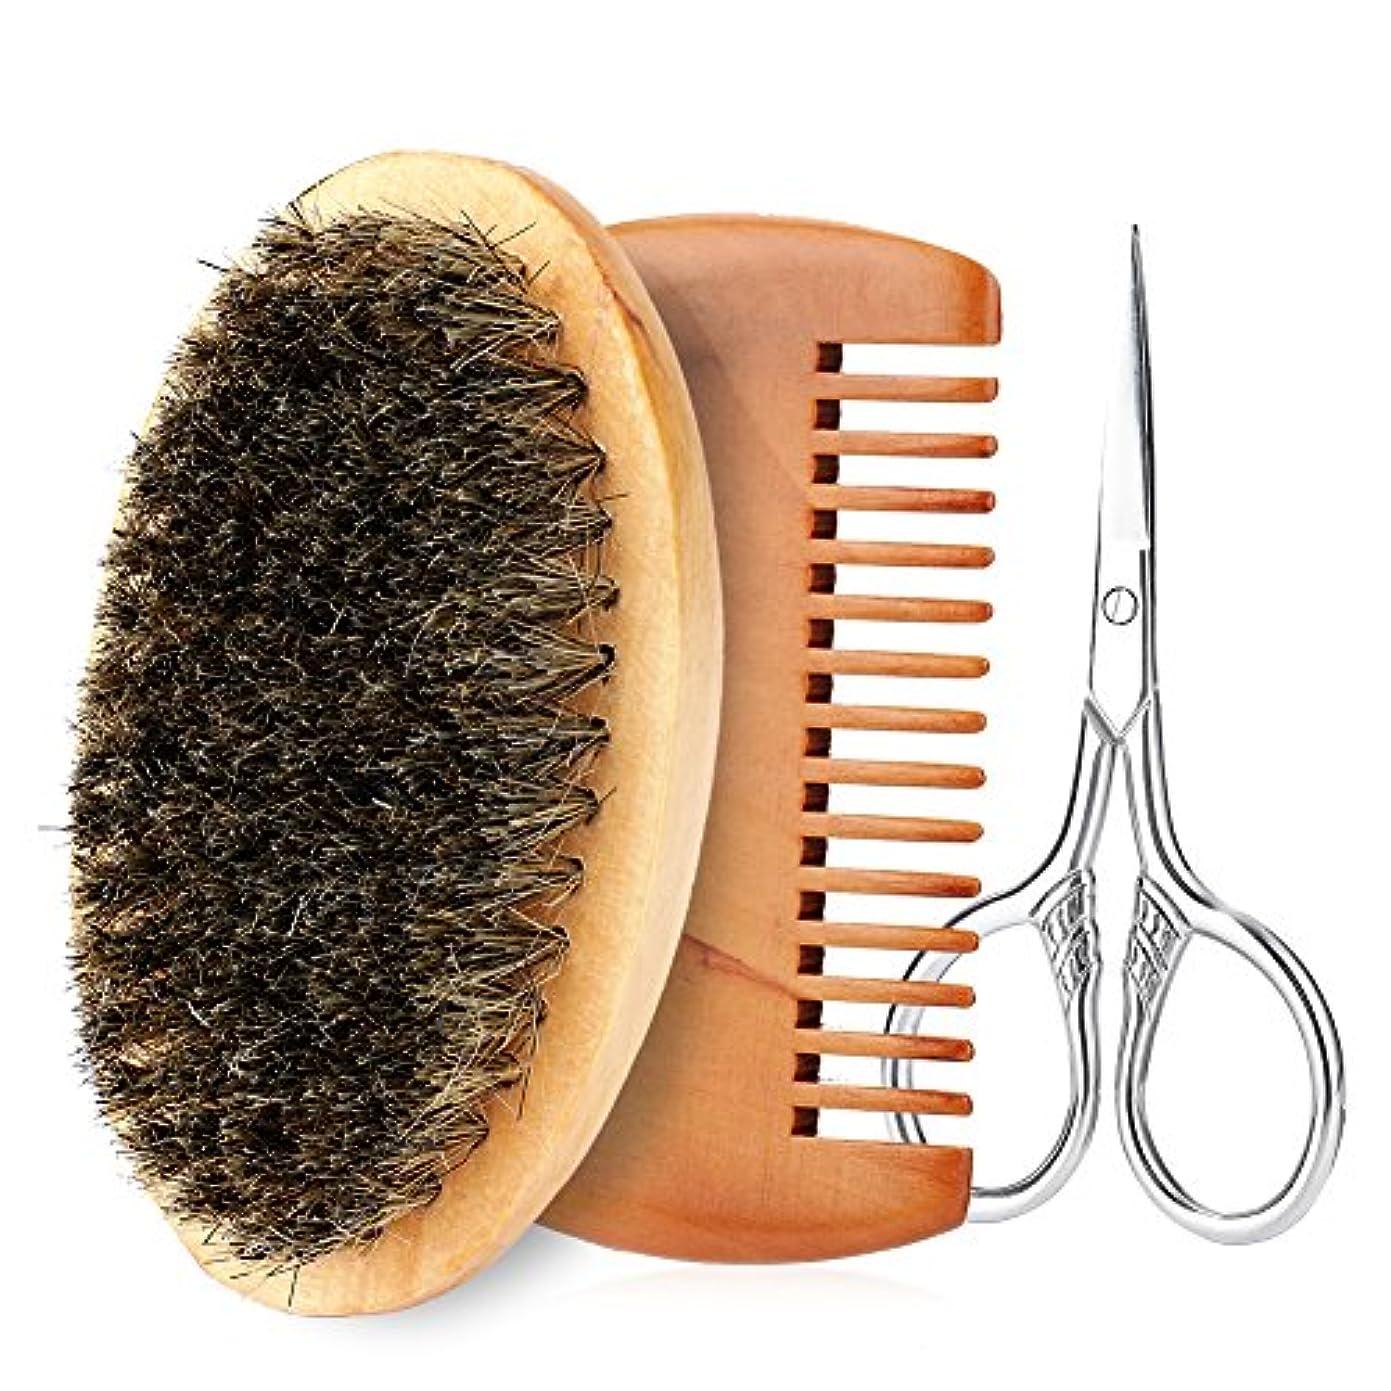 フルーツ付ける兵隊ひげブラシ、男性顔ひげクリーニングシェービングブラシフェイスマッサージャーグルーミングアプライアンスツール(#3(Beard Brush + Comb + Scissors))